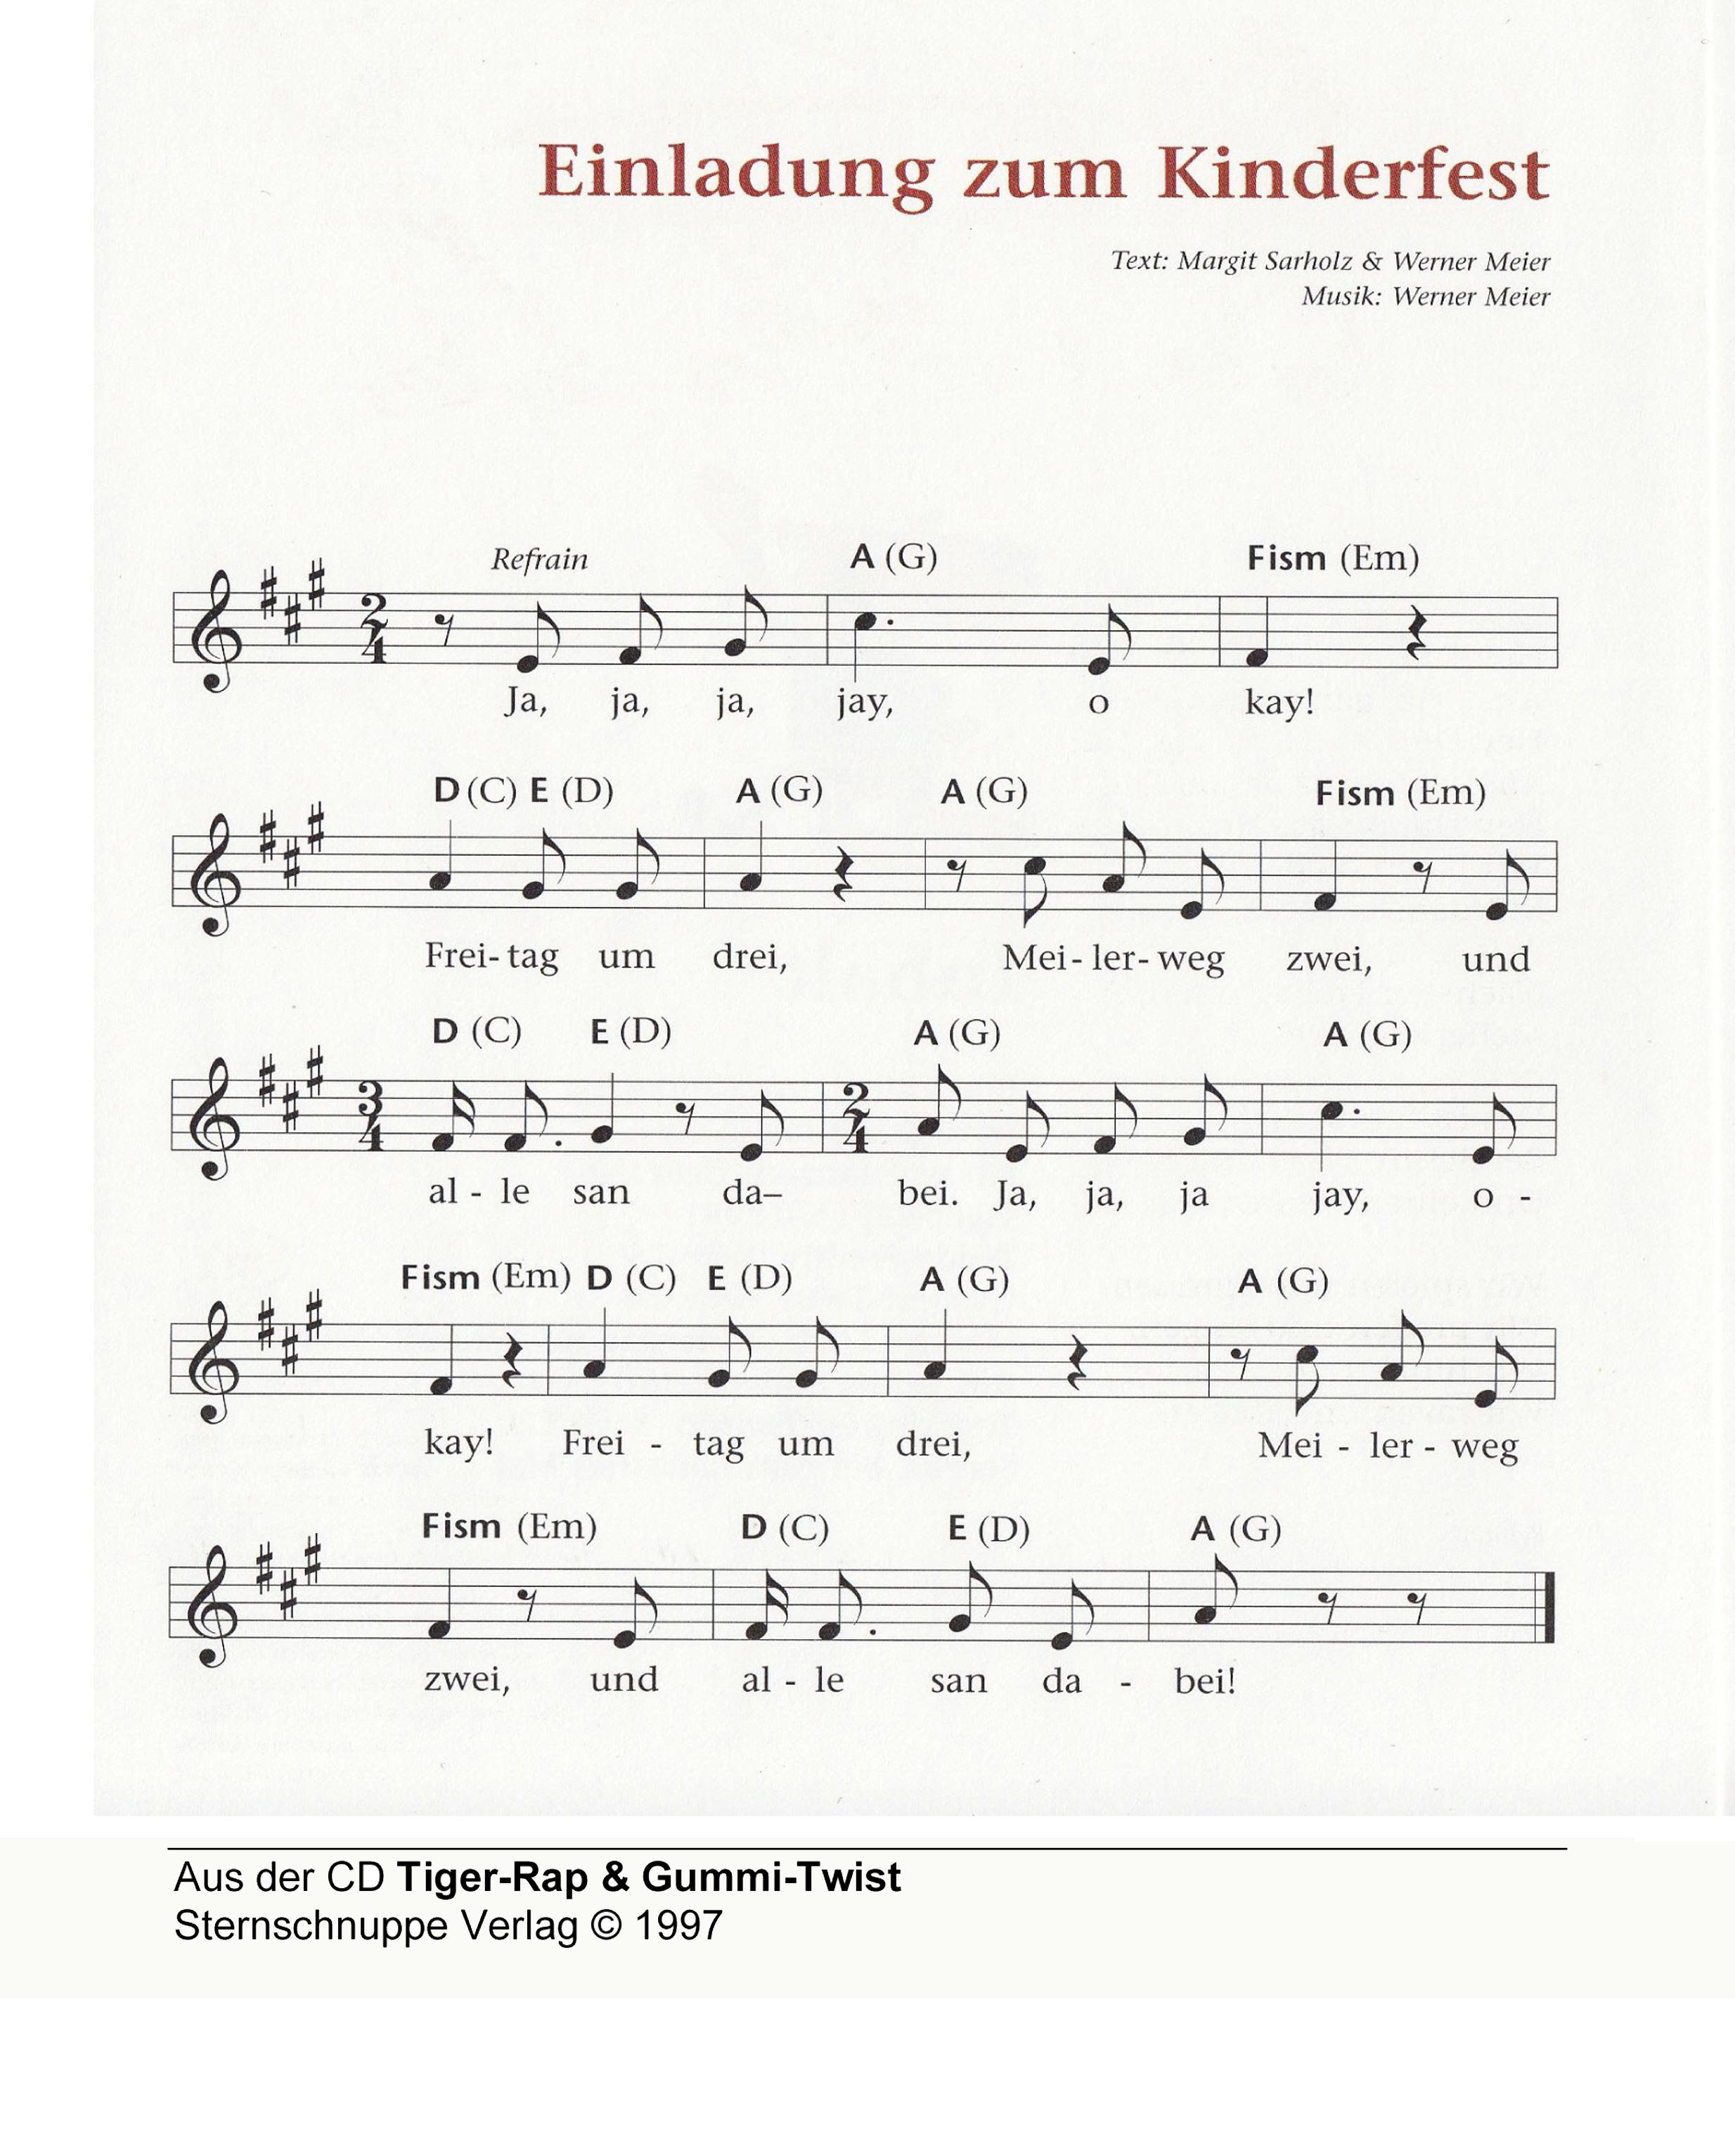 einladung zum kinderfest - kinderlieder texte und noten, Einladungen